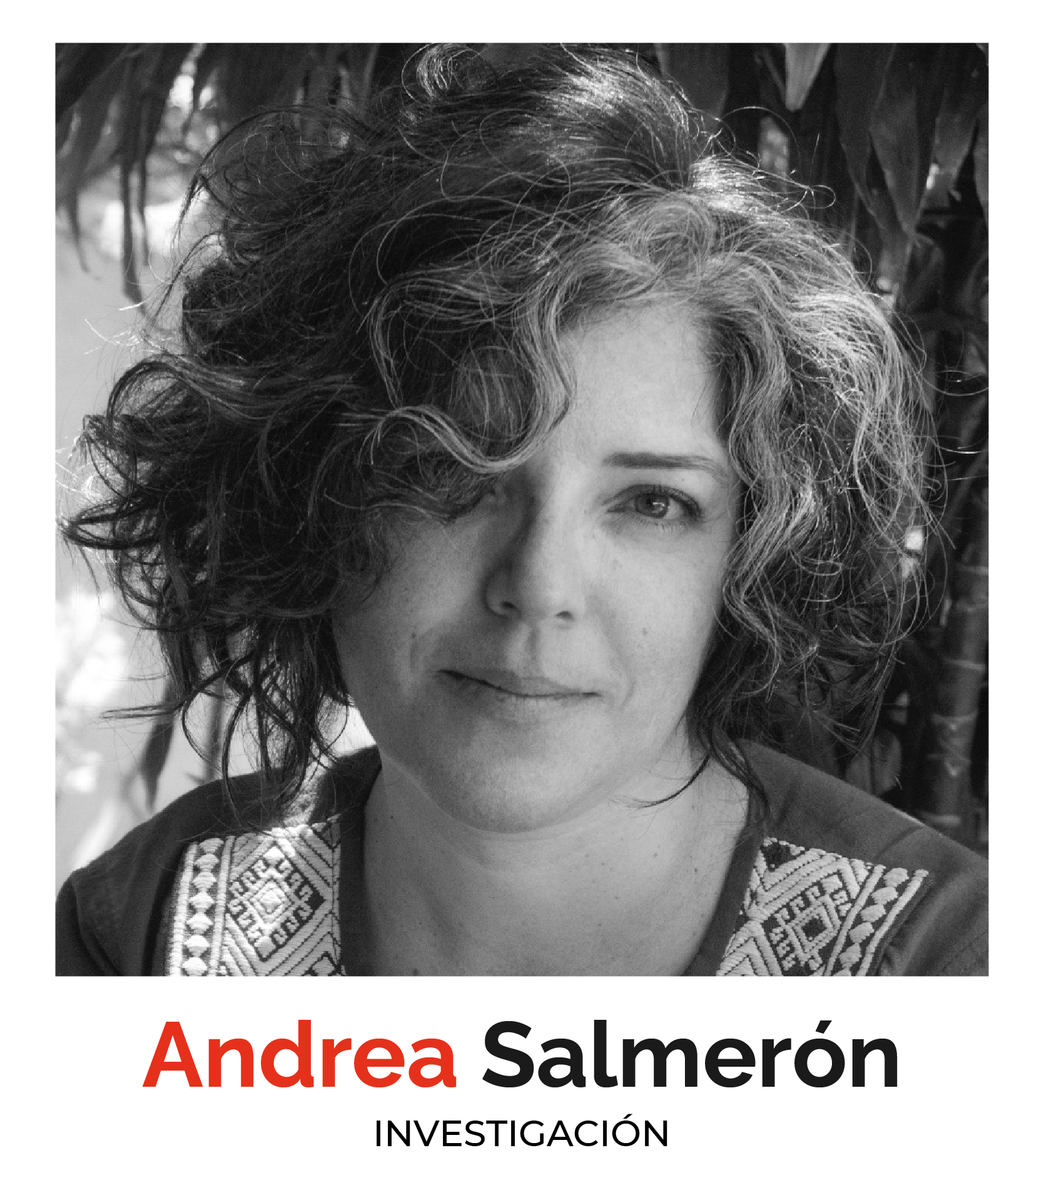 Andrea Salmerón